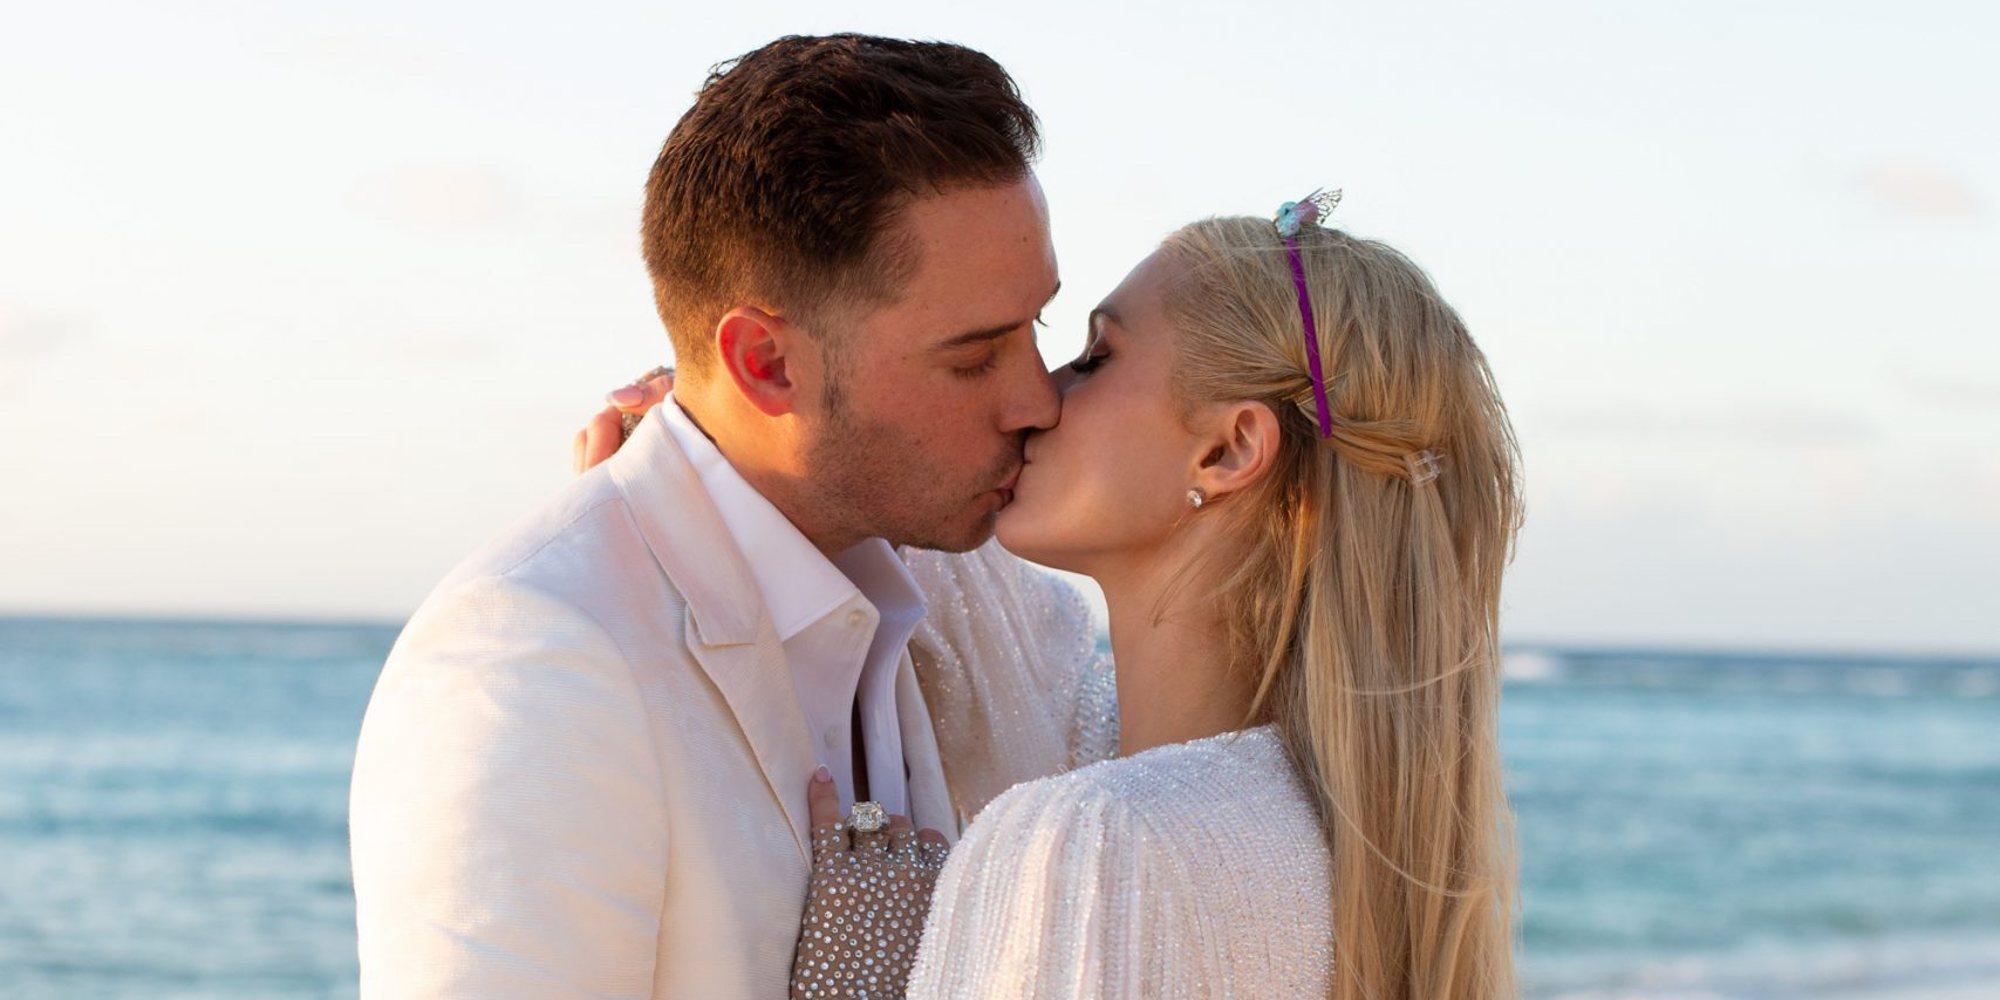 El cuarto a los 40: Paris Hilton anuncia su compromiso con Carter Reum en su 40 cumpleaños